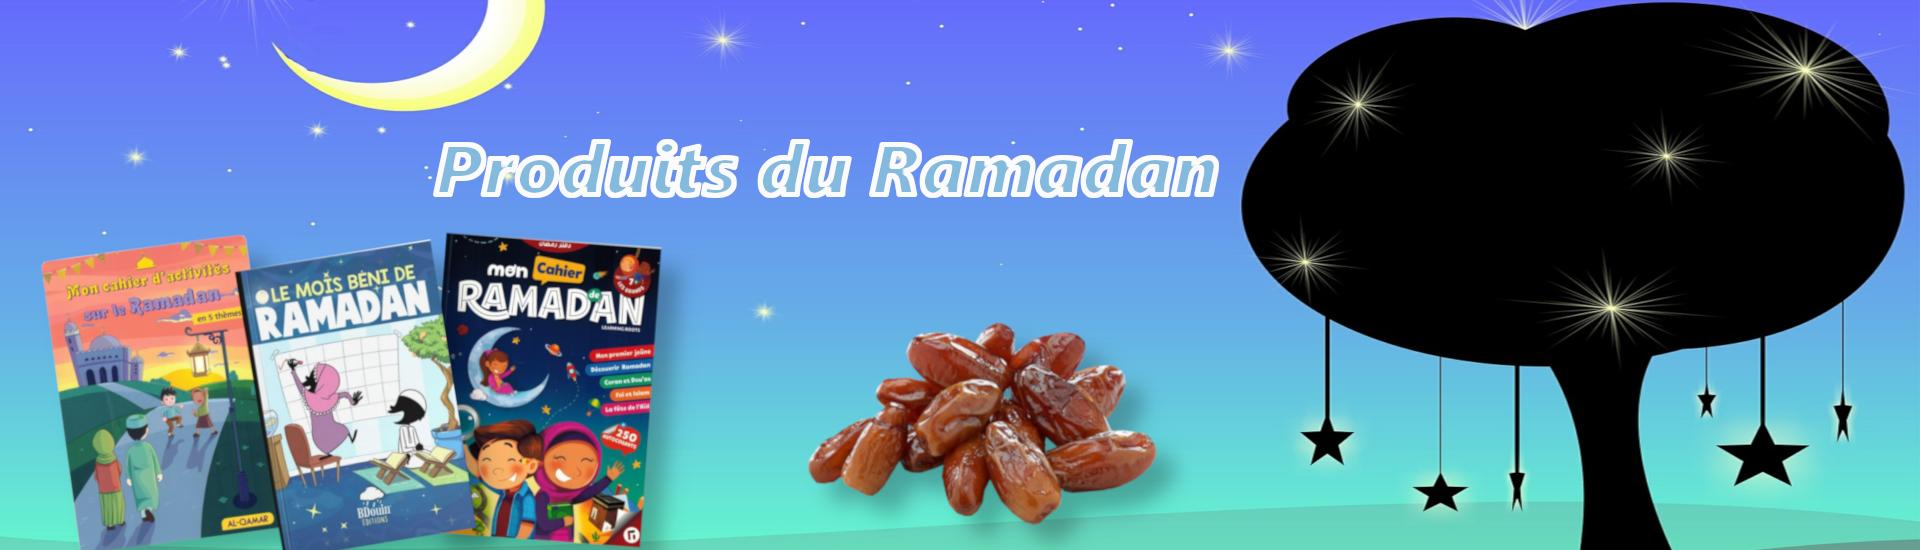 Produits ramadan